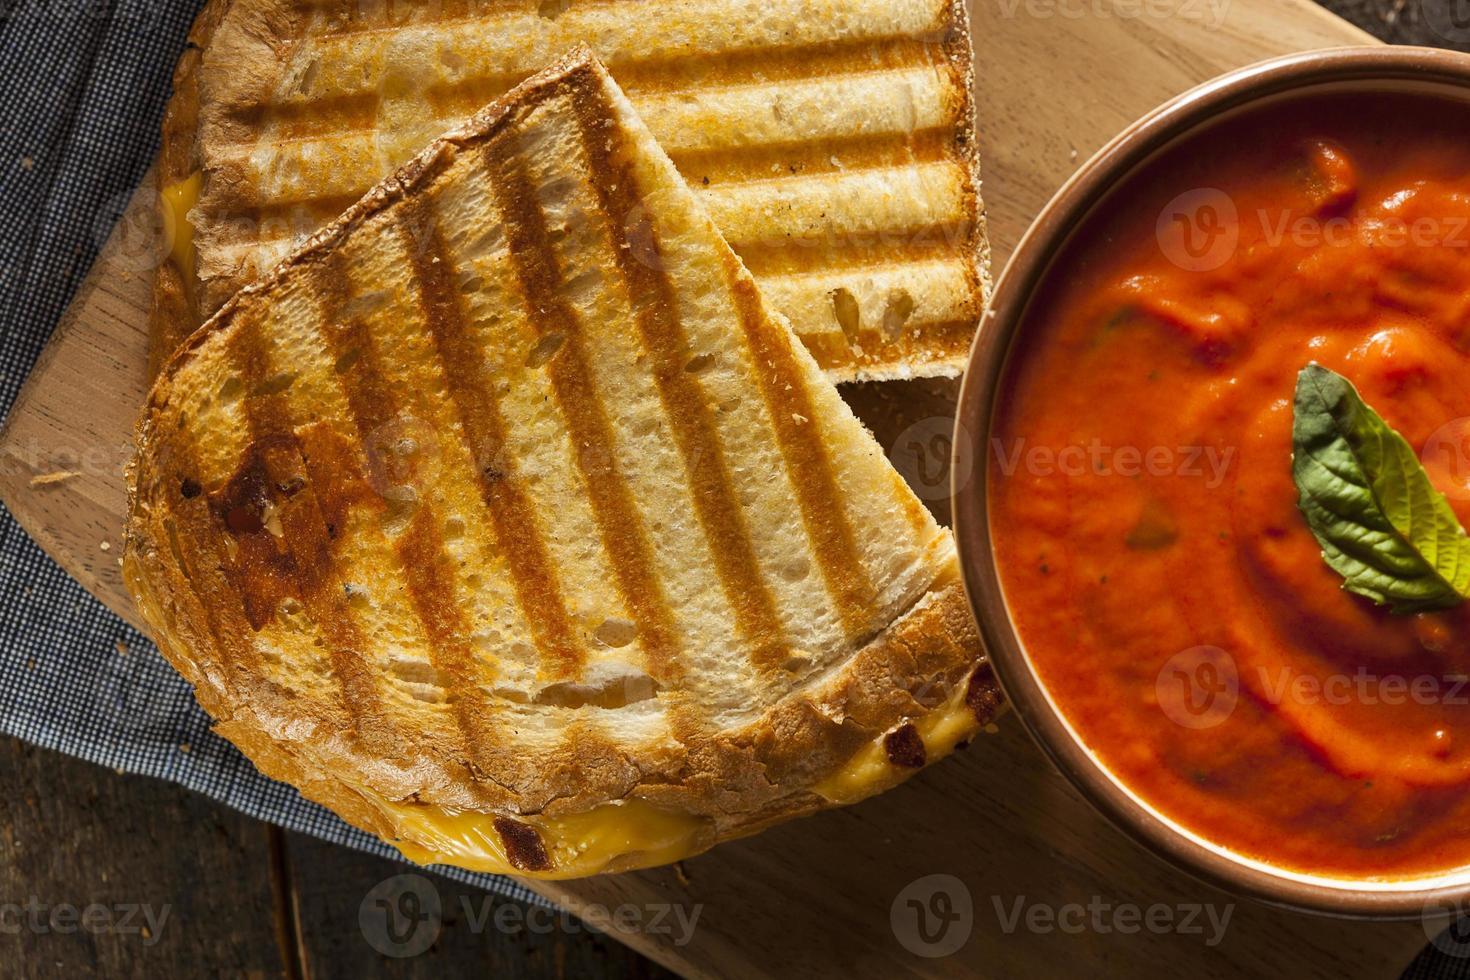 un sandwich au fromage grillé avec un bol de soupe aux tomates photo